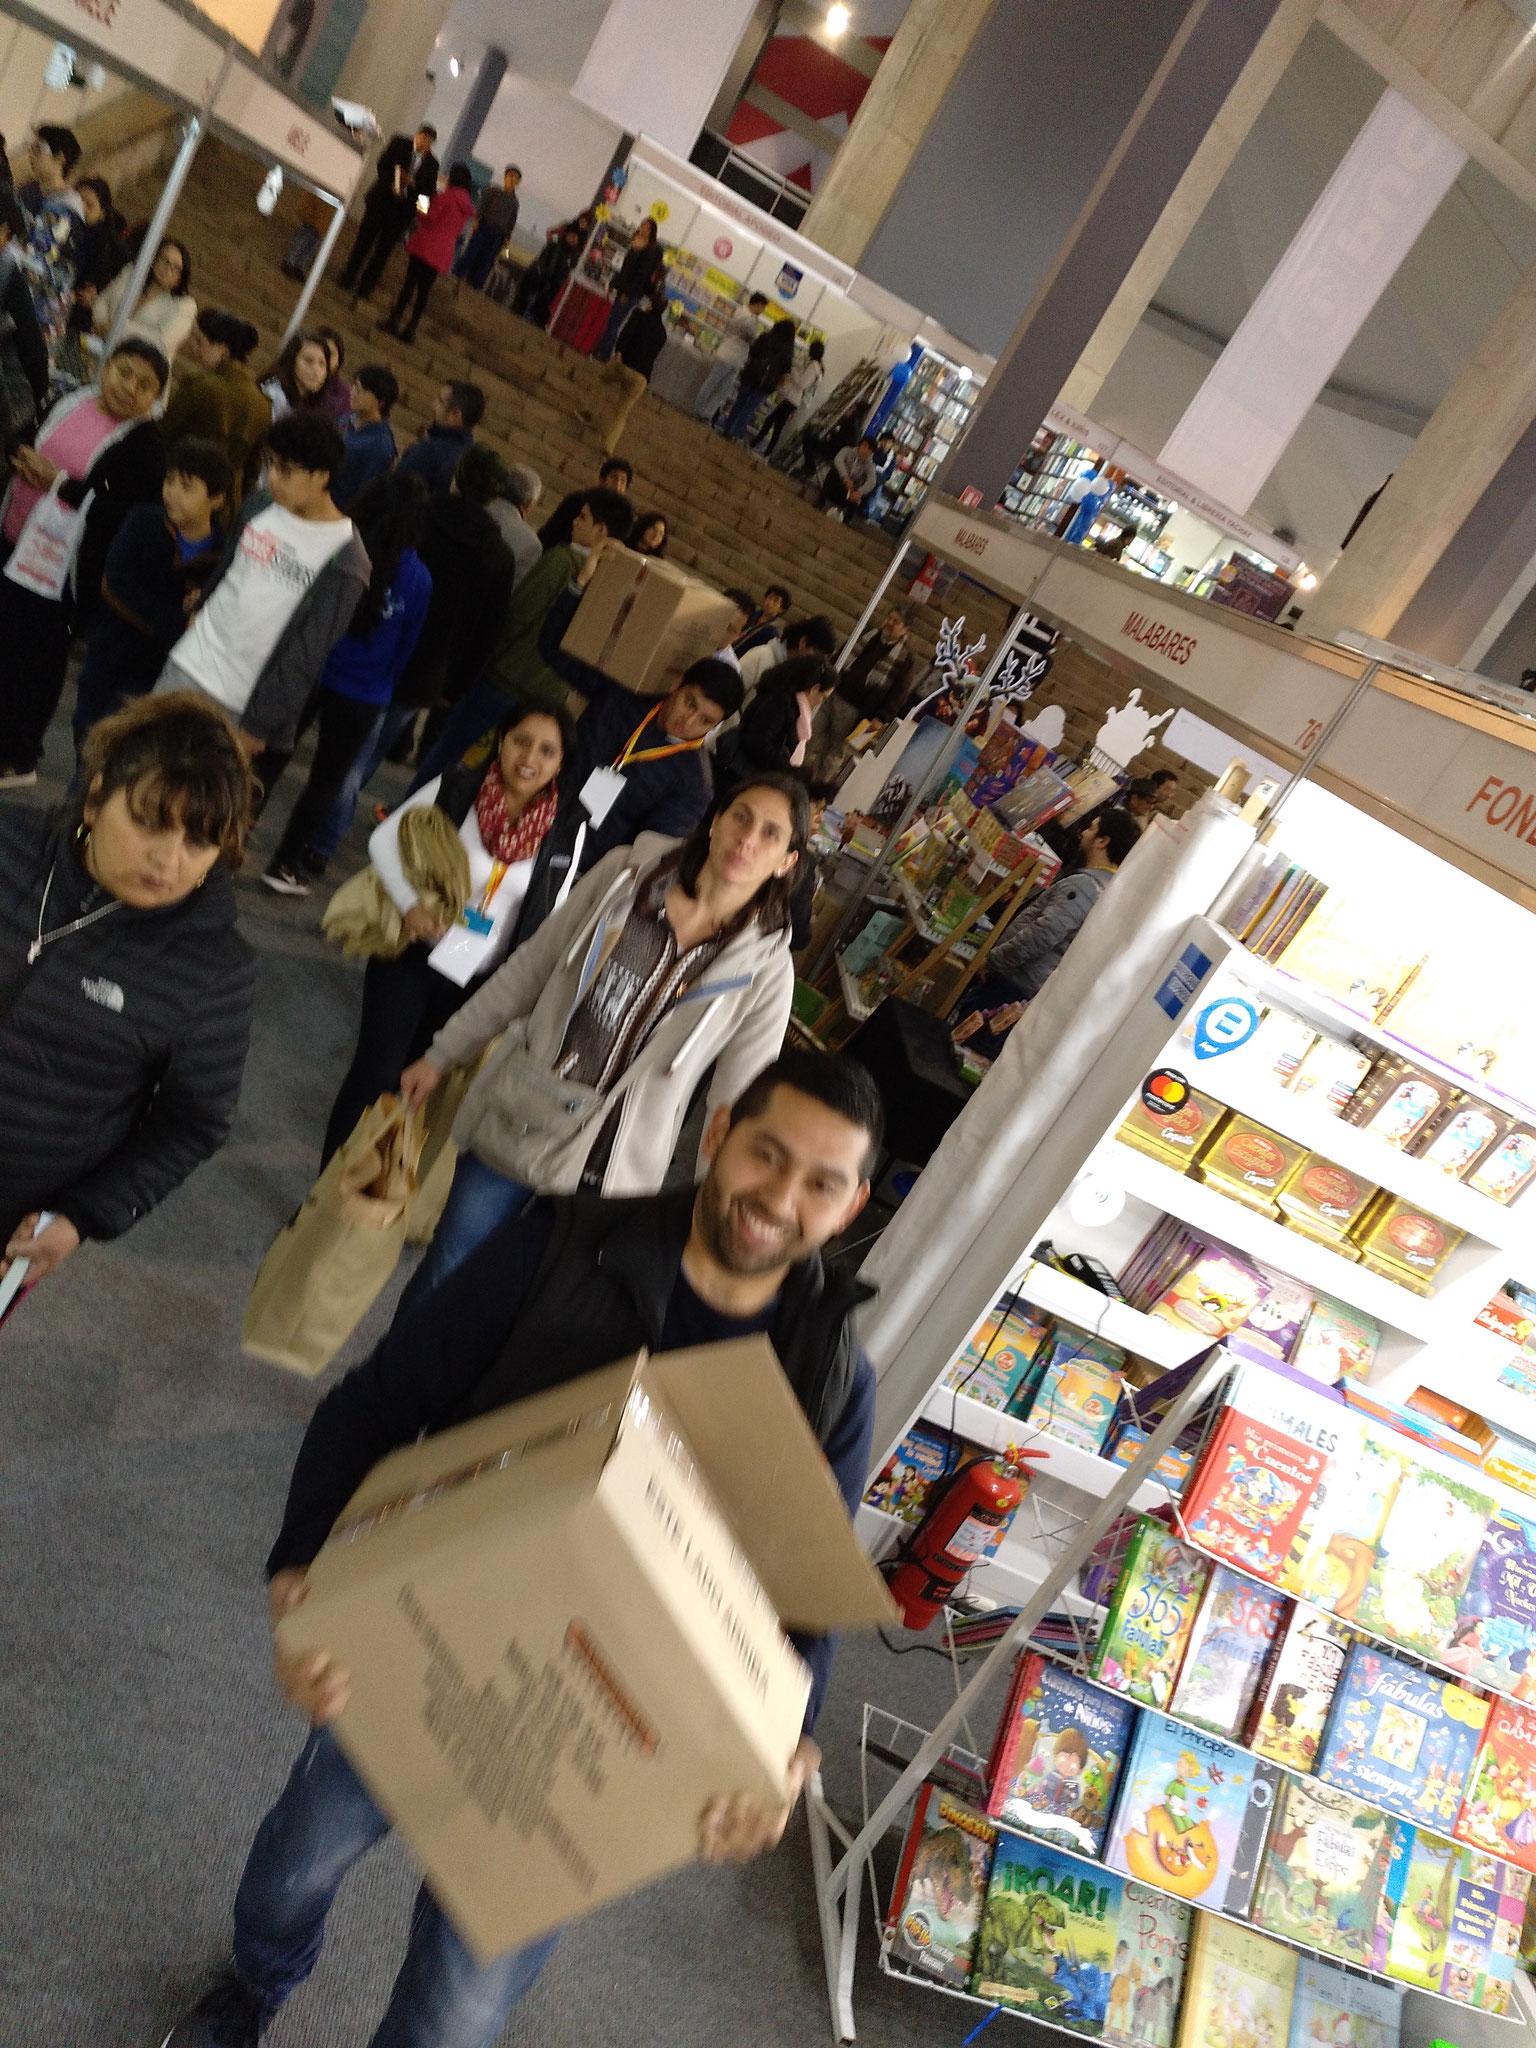 Am ersten Abend halfen vier Mitarbeiter von Ausstellern beim Raustragen unserer Einkäufe.